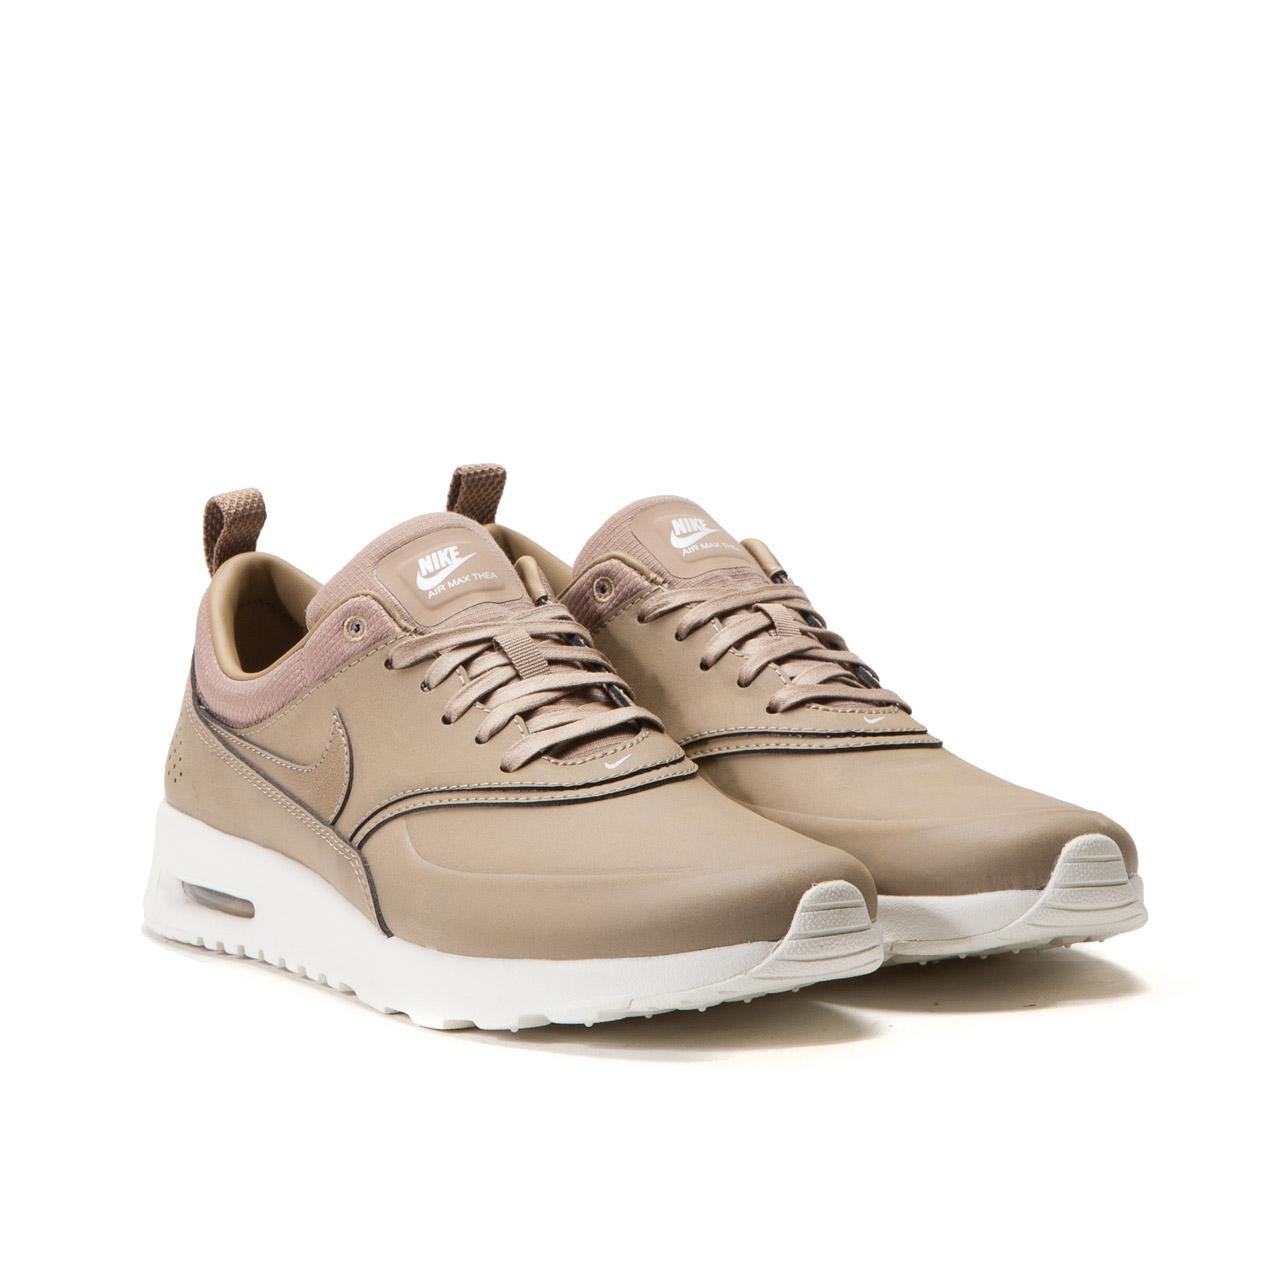 meilleur service 7dded 674f0 Nike Wmns Air Max Thea PRM (Desert Camo)